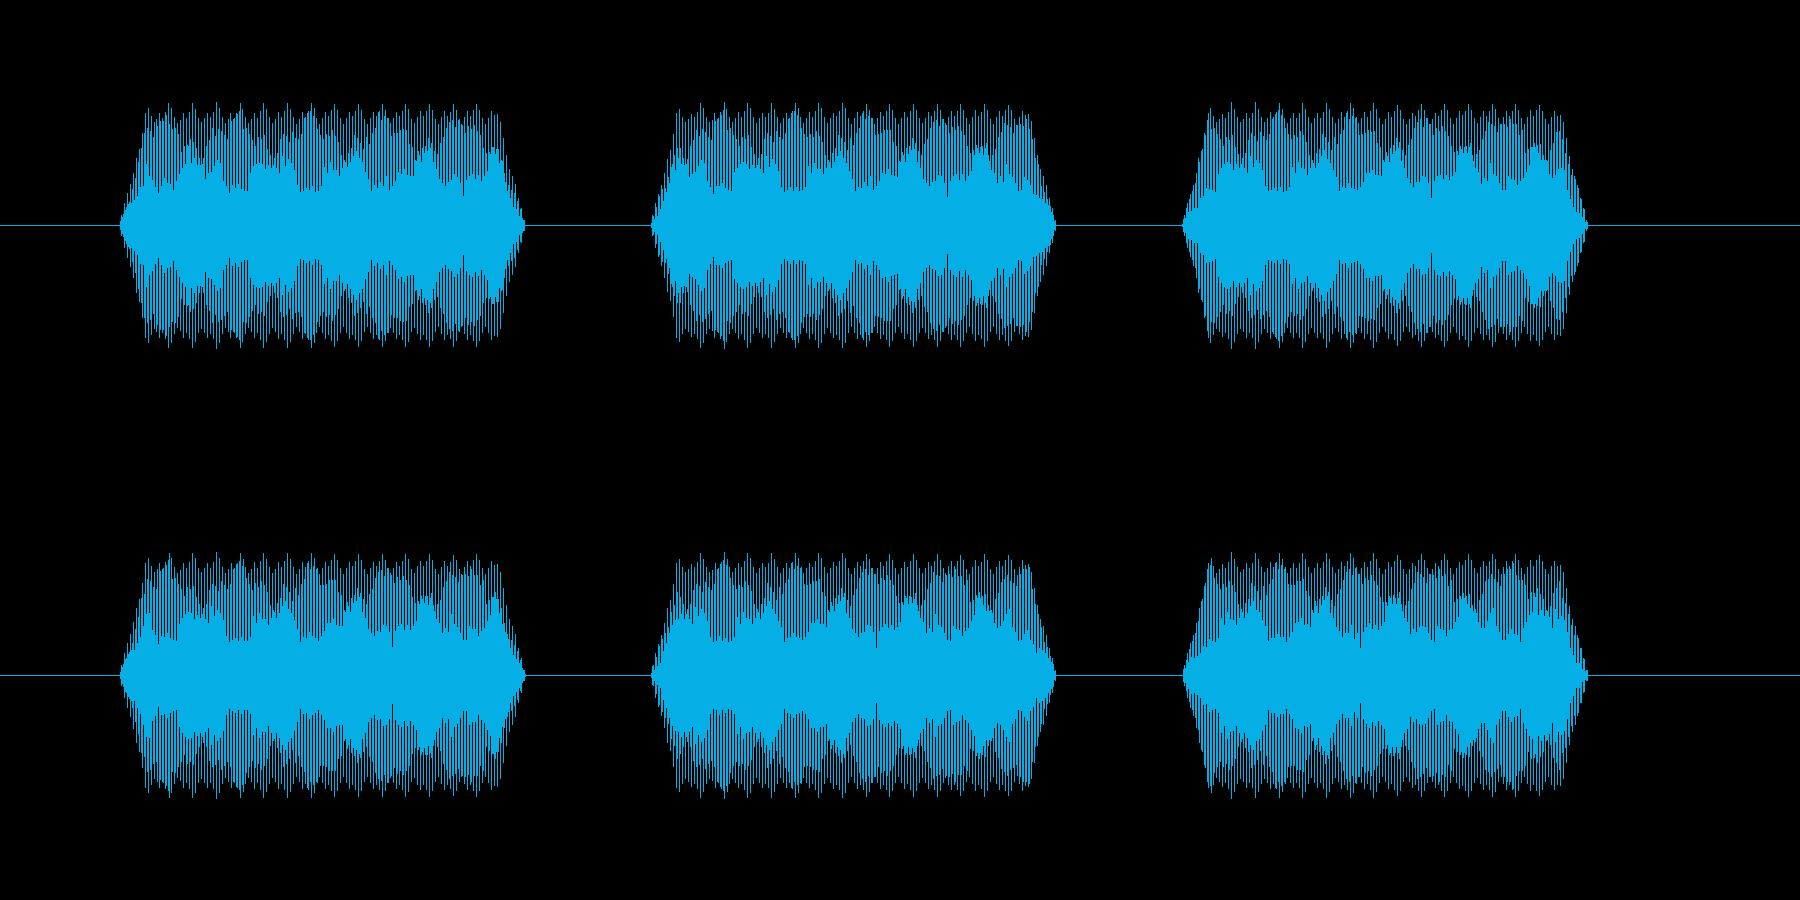 【汎用・セリフ音等】ピピピ(さらに低)の再生済みの波形